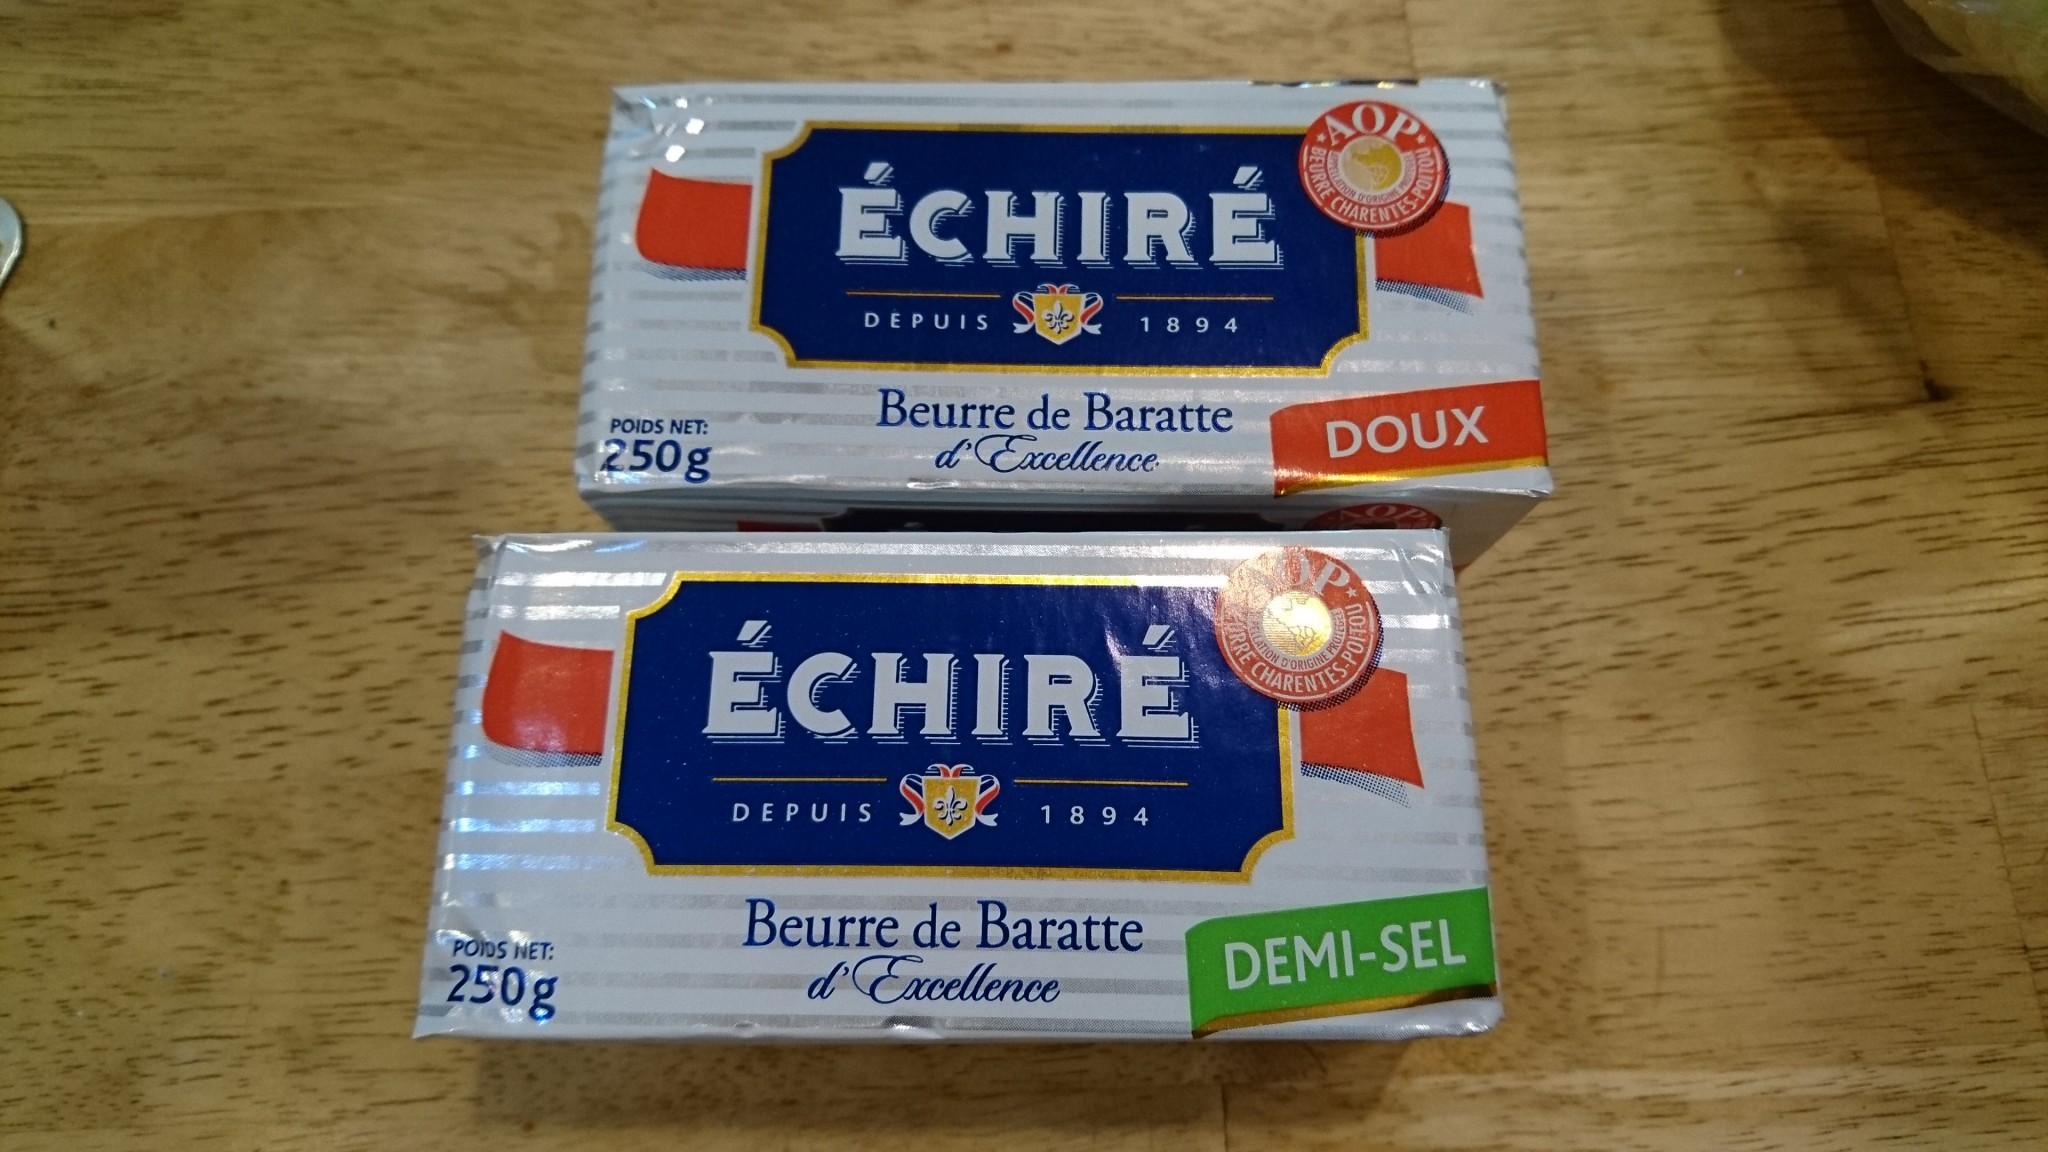 エシレ・デュ ブールのバター